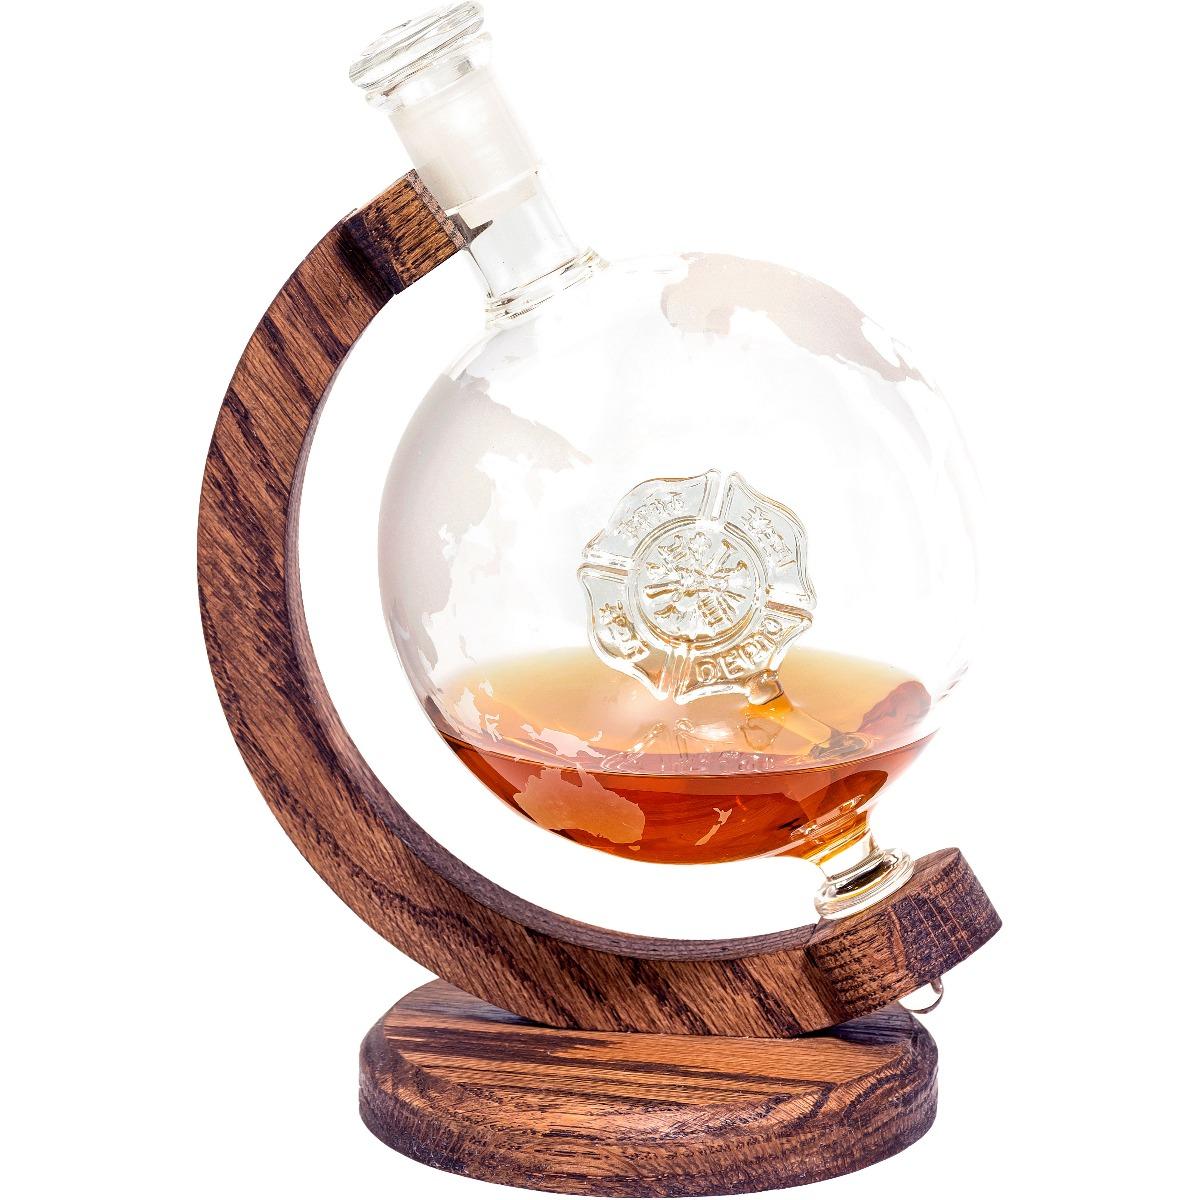 Firefighter whiskey decanter